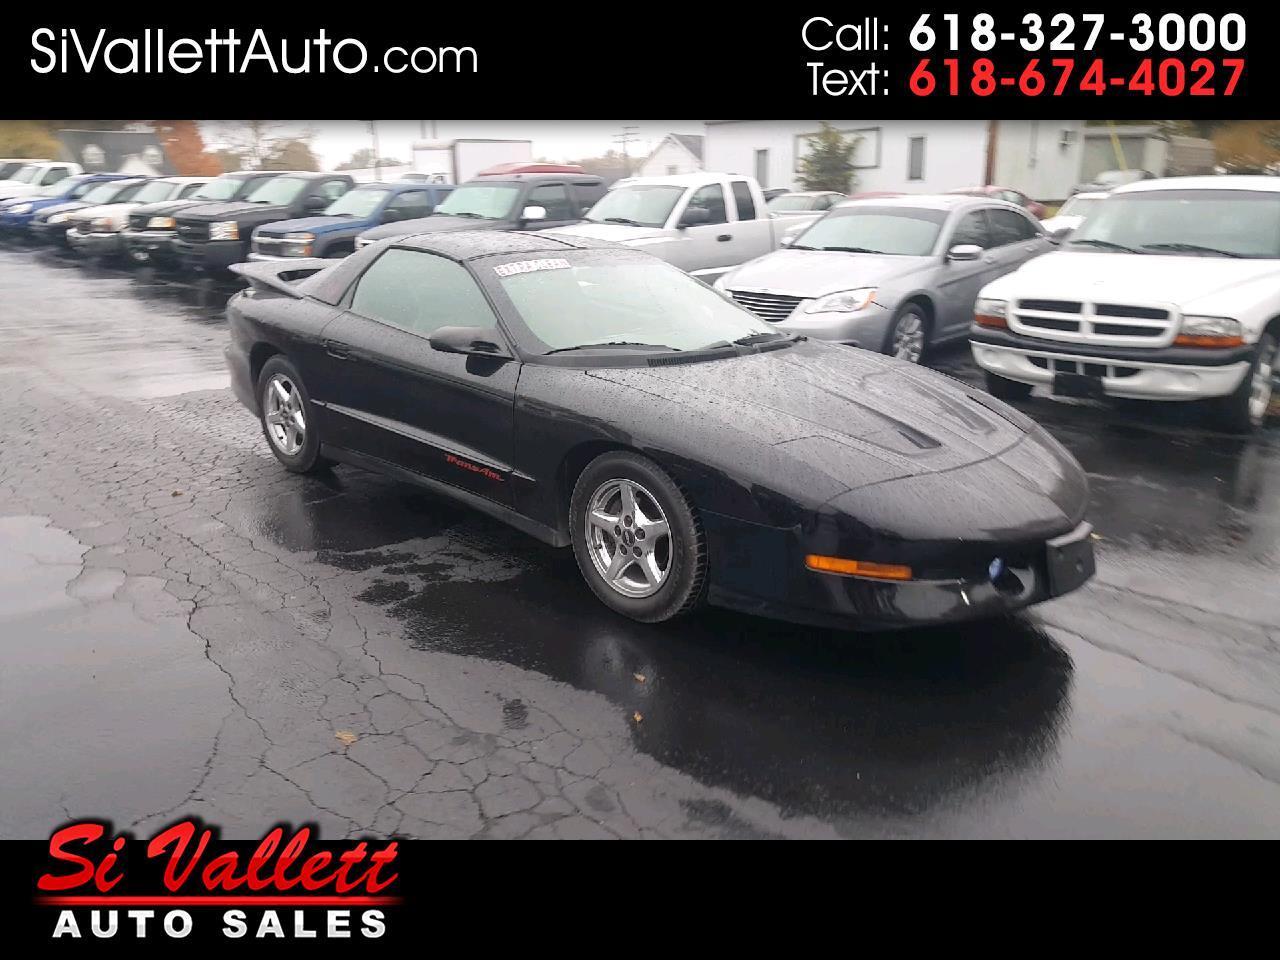 1996 Pontiac Firebird 2dr Cpe Trans Am